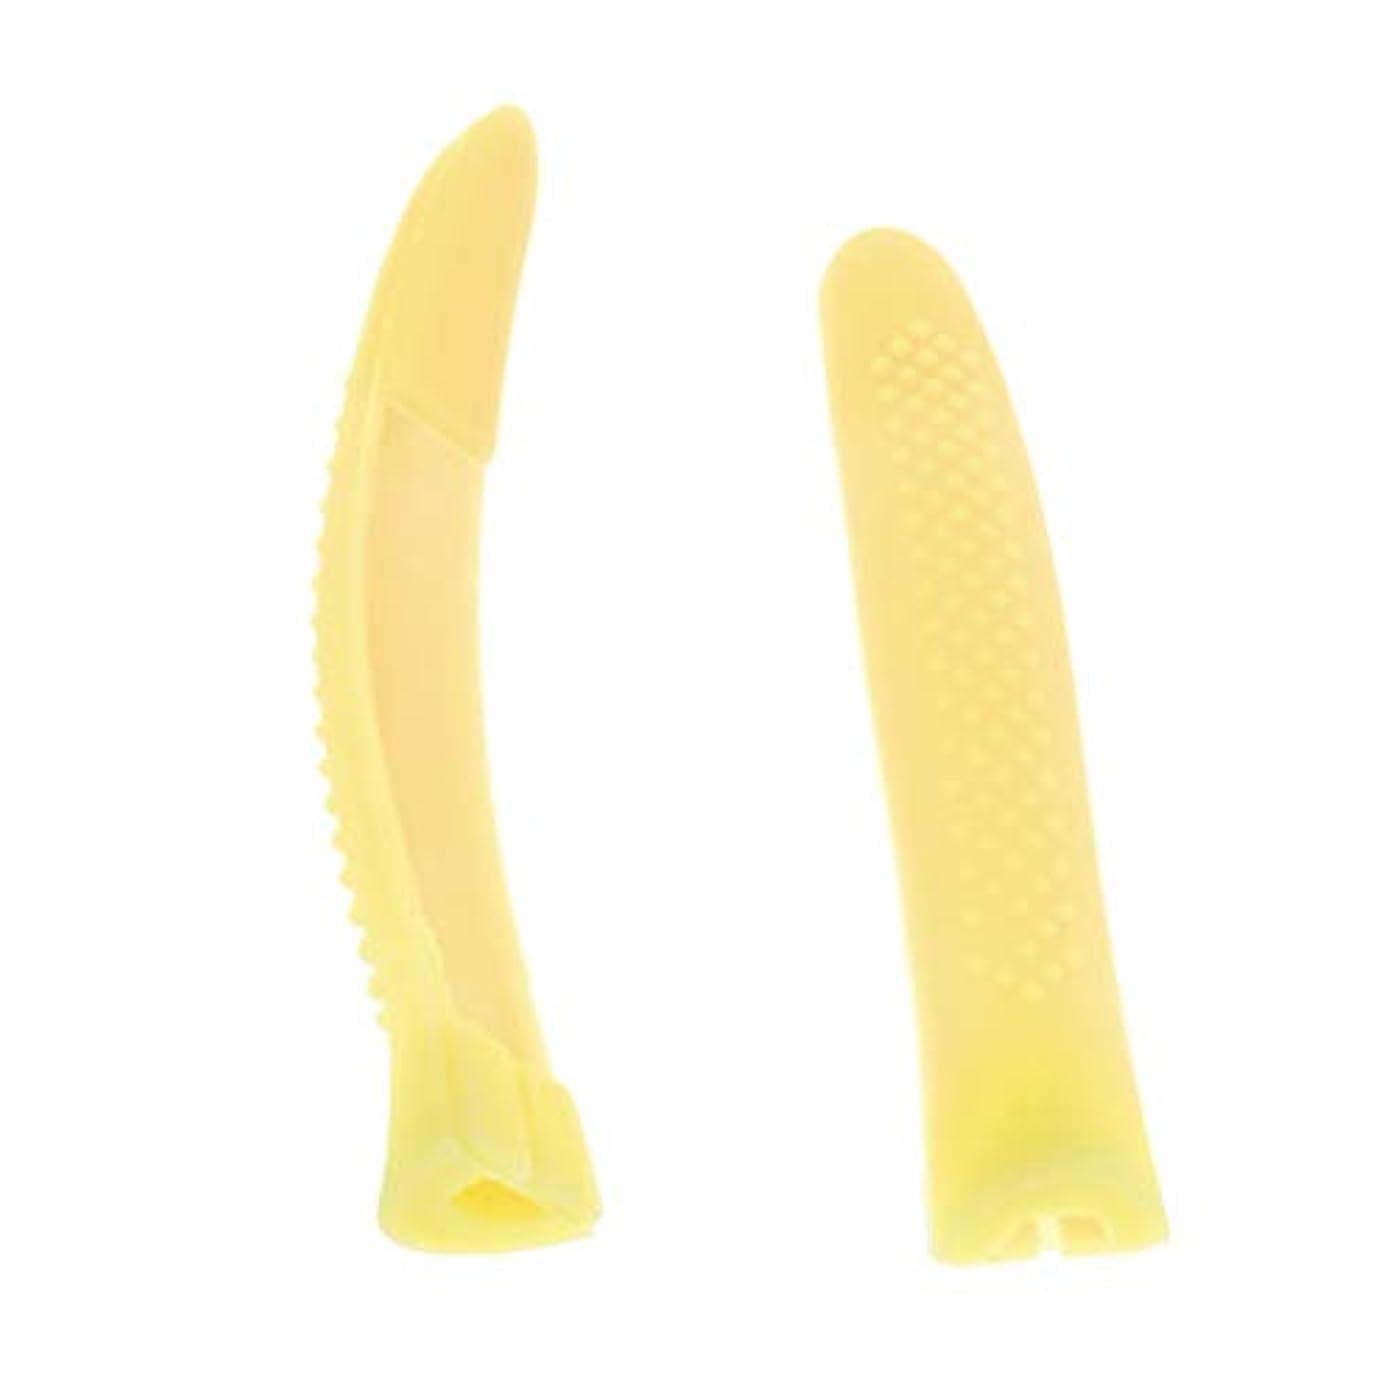 保有者ベンチ壊すキューティクルニッパー キャップ 保護スリーブ ネイルニッパー キャップ ニッパーキャップ 全4カラー - 黄